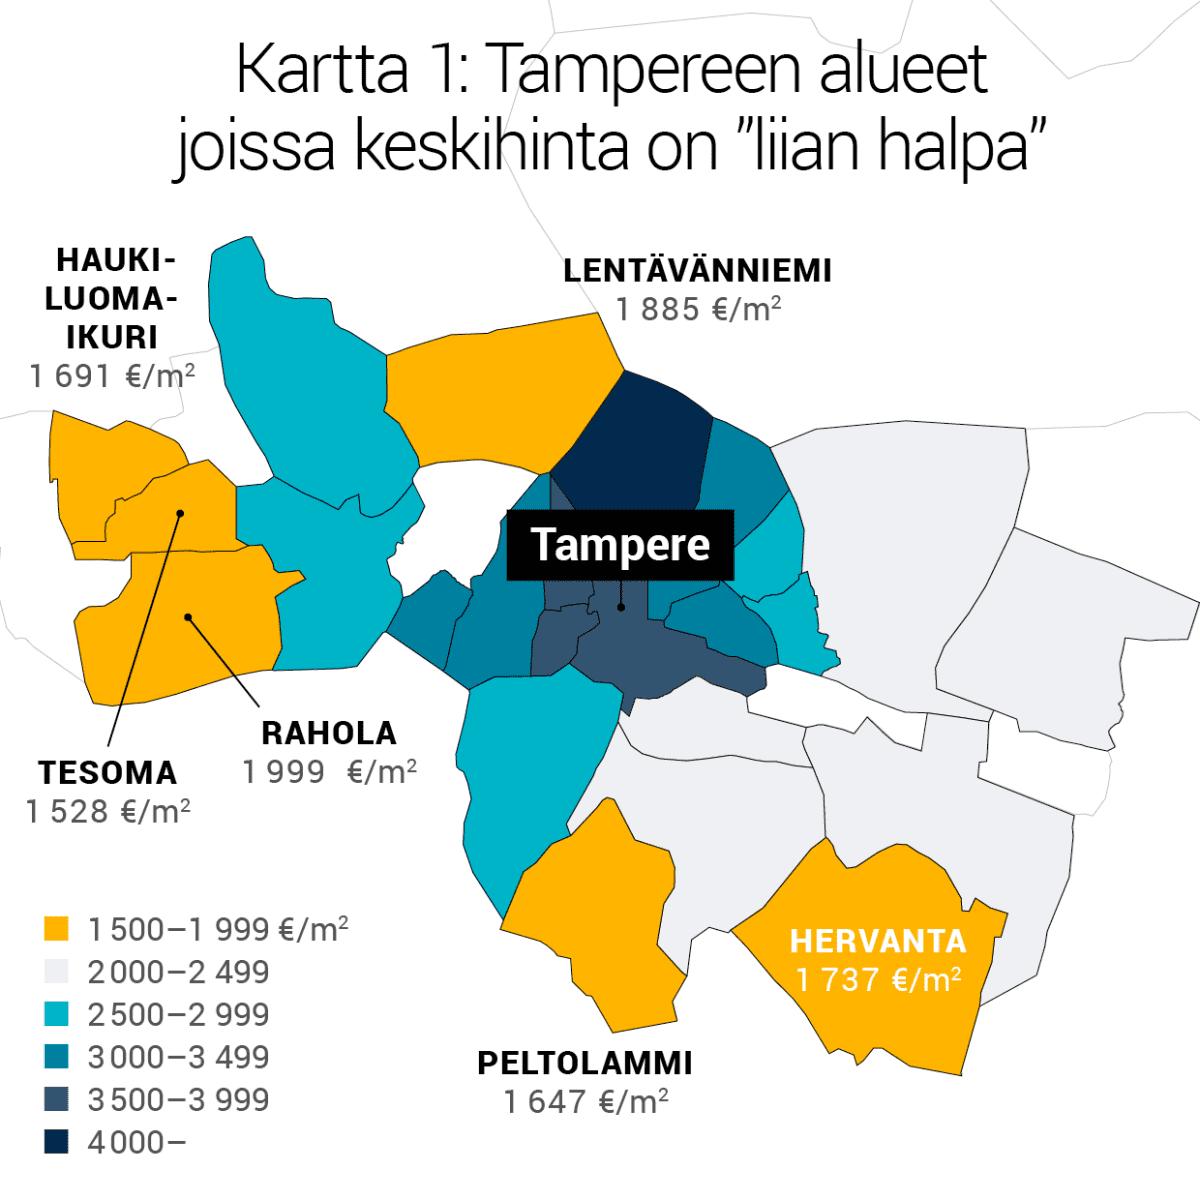 """Kartta 1: Tampereen alueet joissa keskihinta on """"liian halpa""""."""